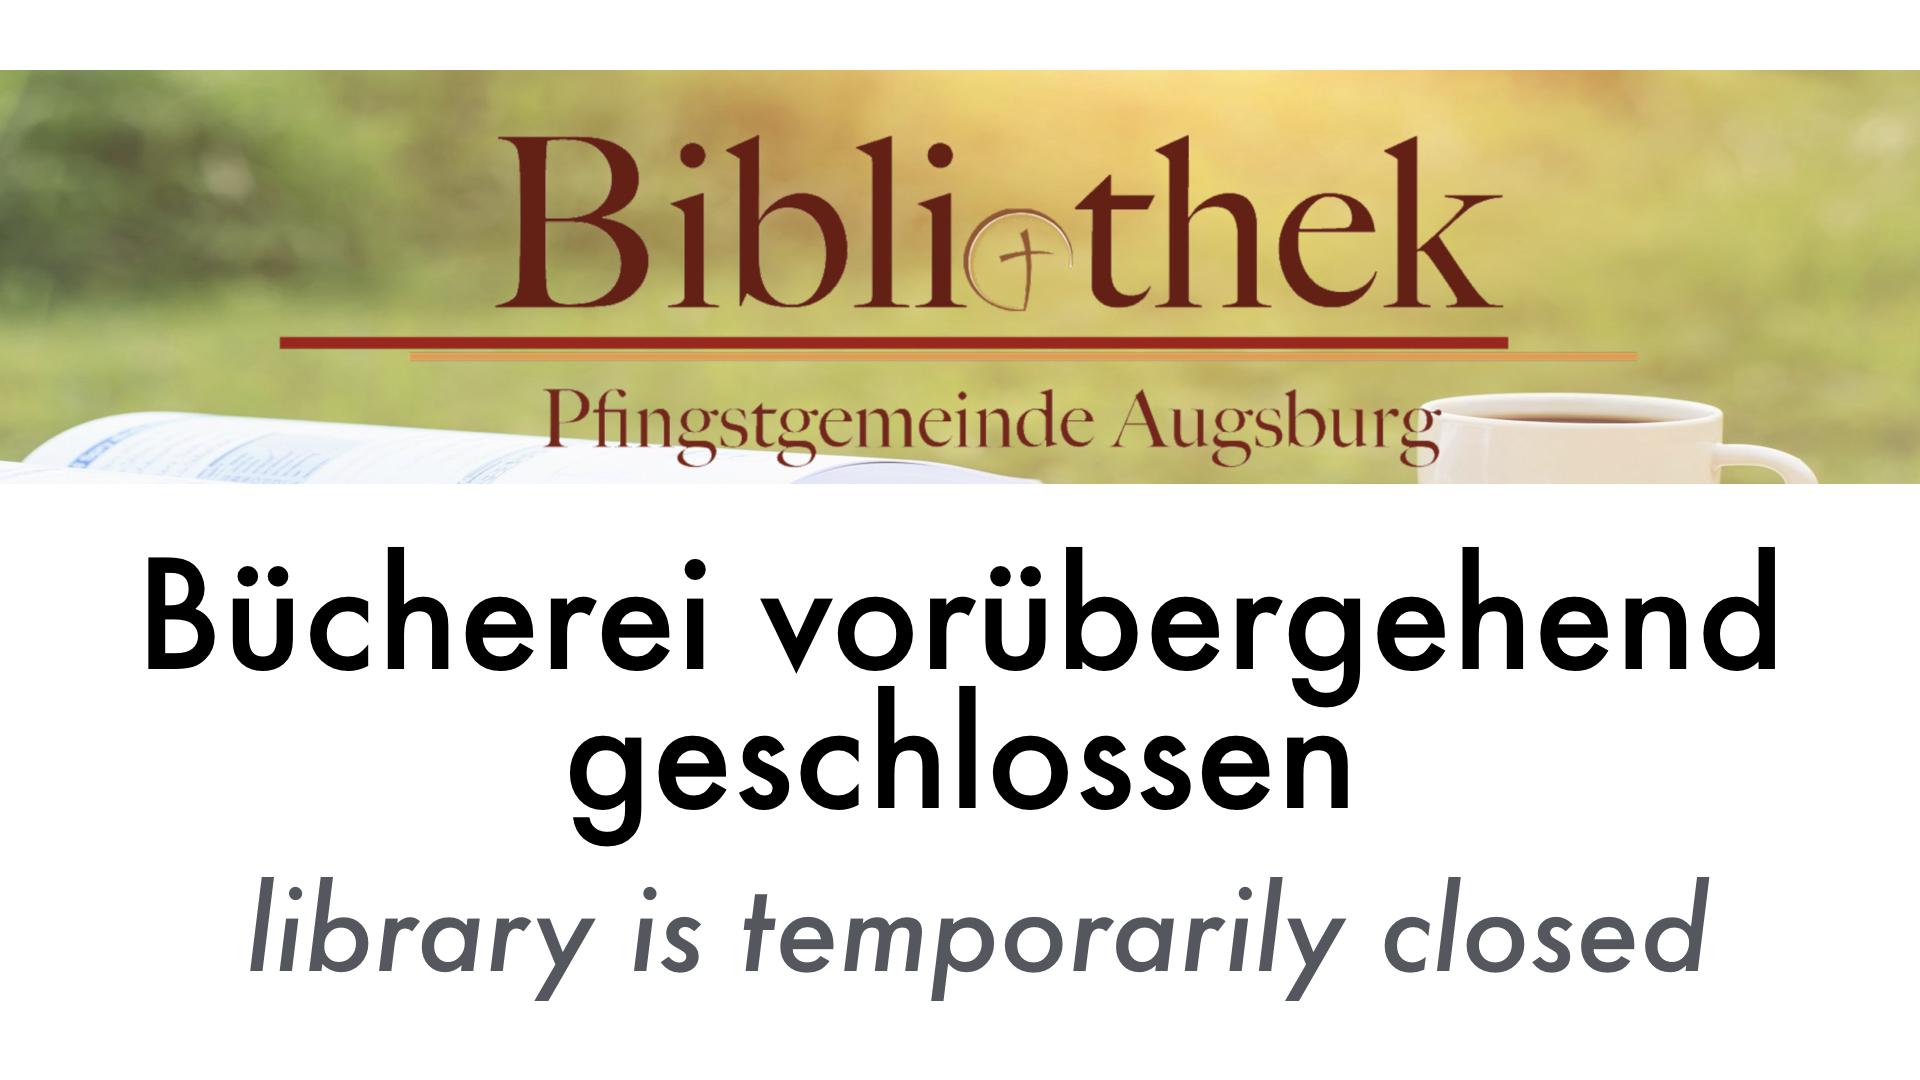 Bücherreich geschlossen.001.jpeg